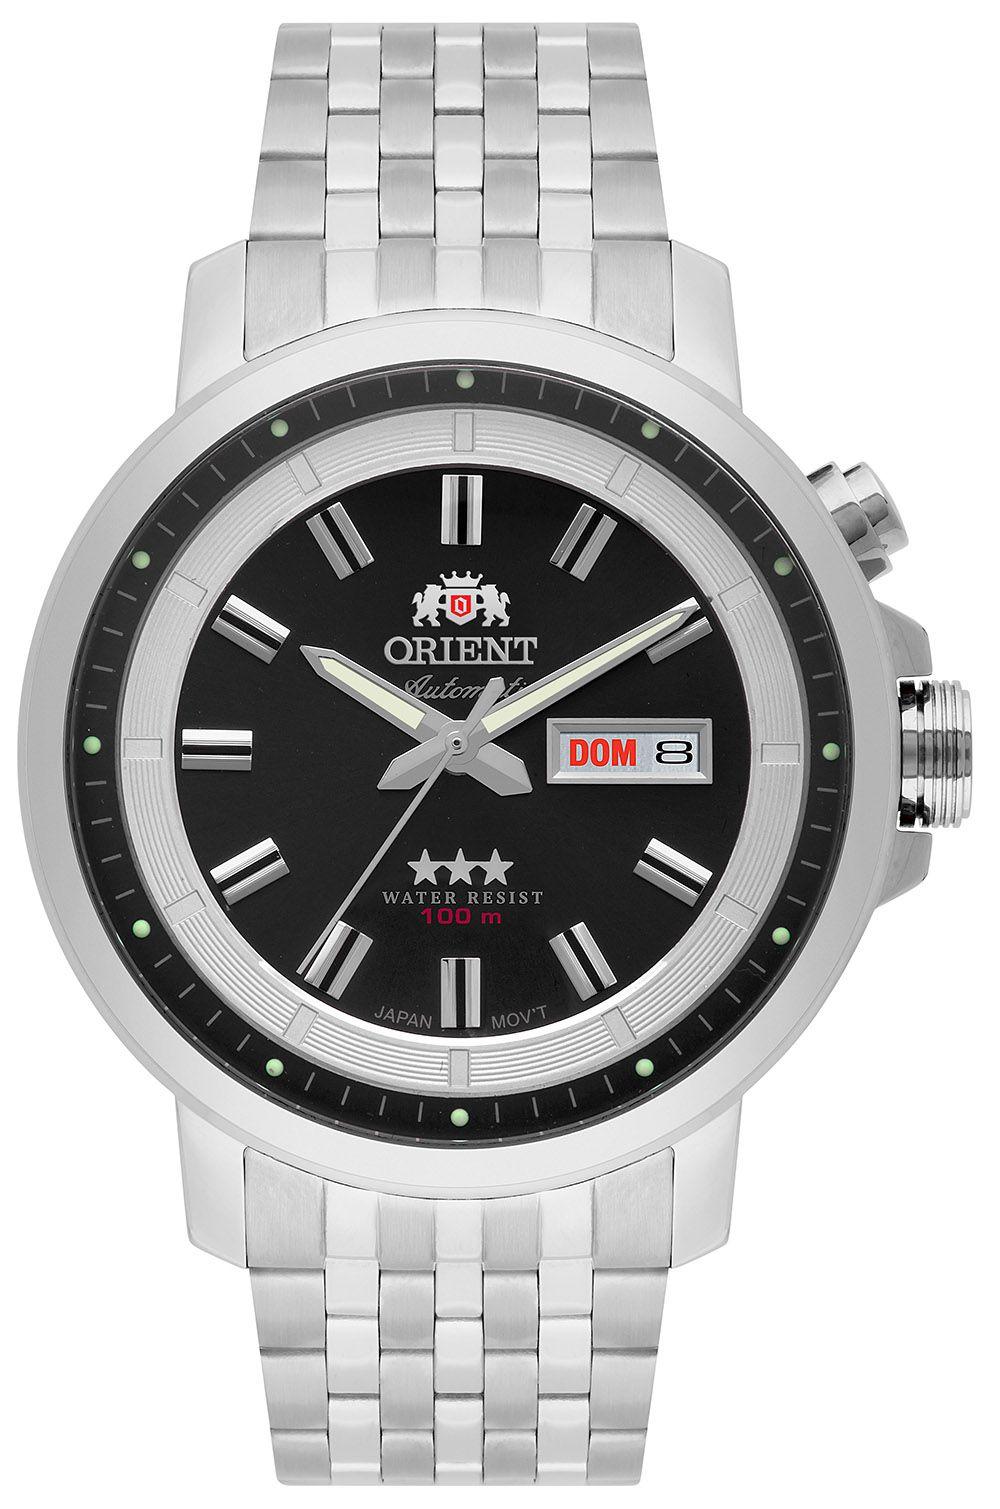 Relógio Masculino Casual Prata 469SS079-P1SX Orient